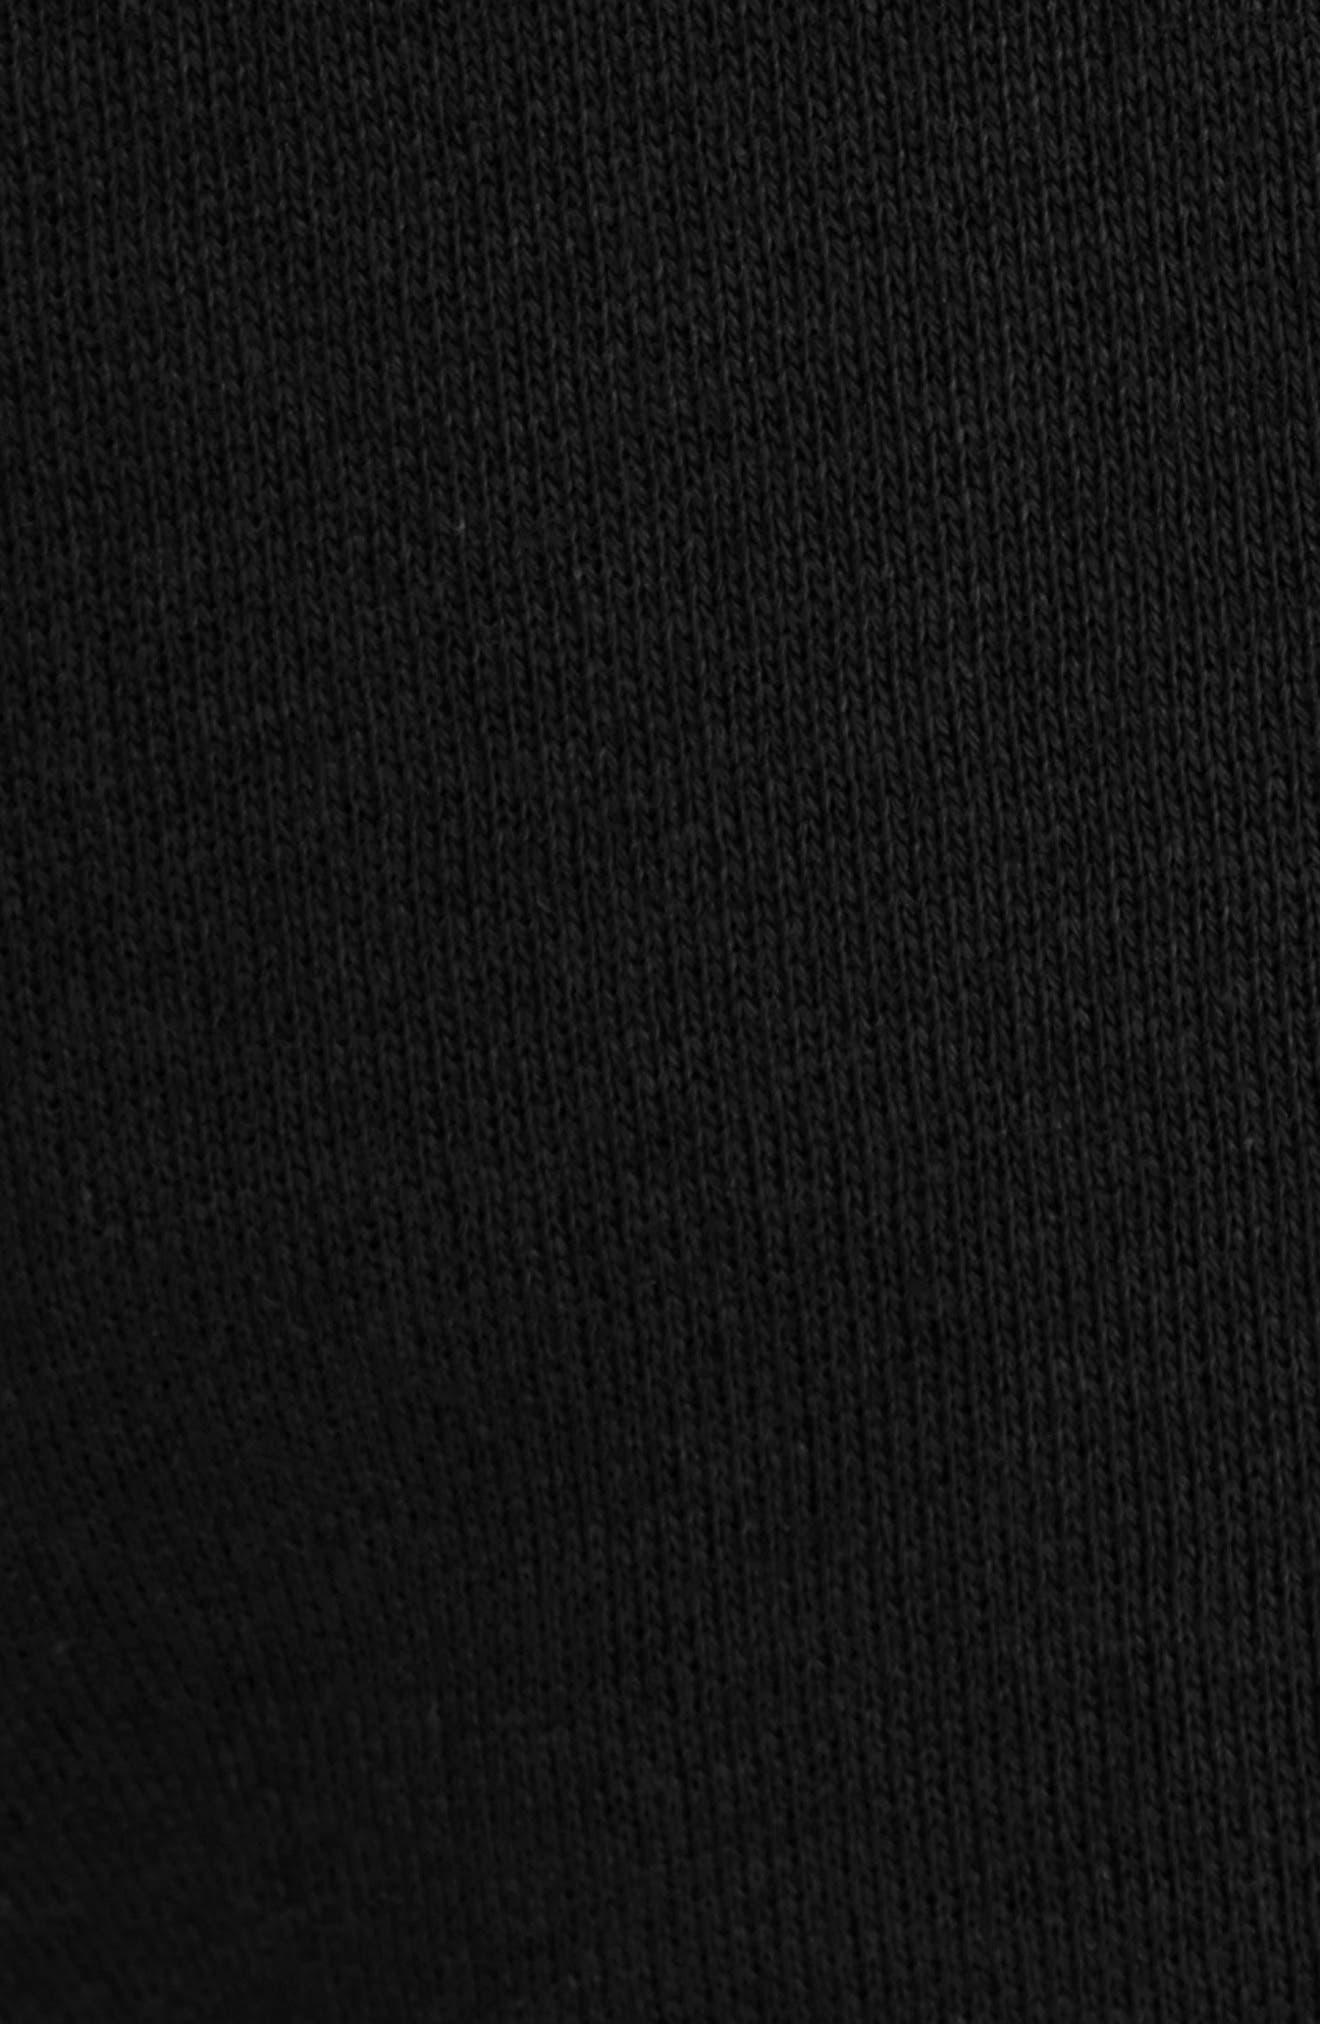 Sport Joggers,                             Alternate thumbnail 7, color,                             Black